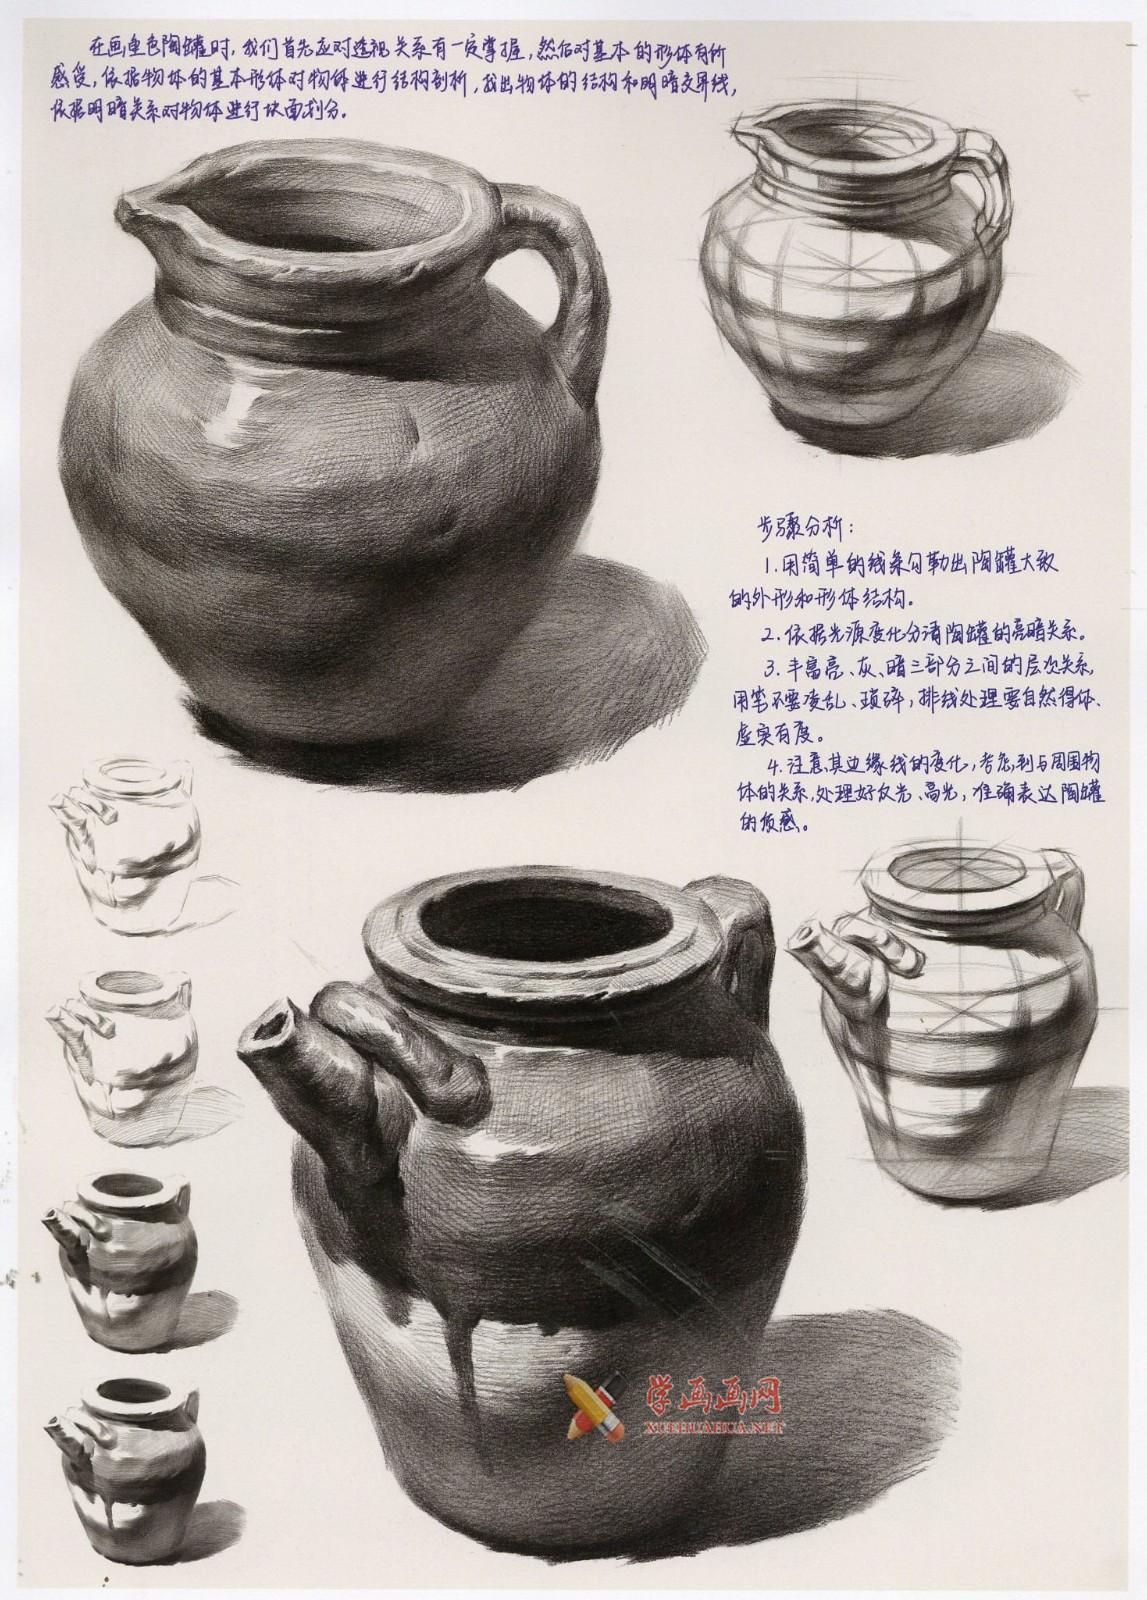 素描陶罐、陶瓷类静物画法图解及临摹范画图片(3)